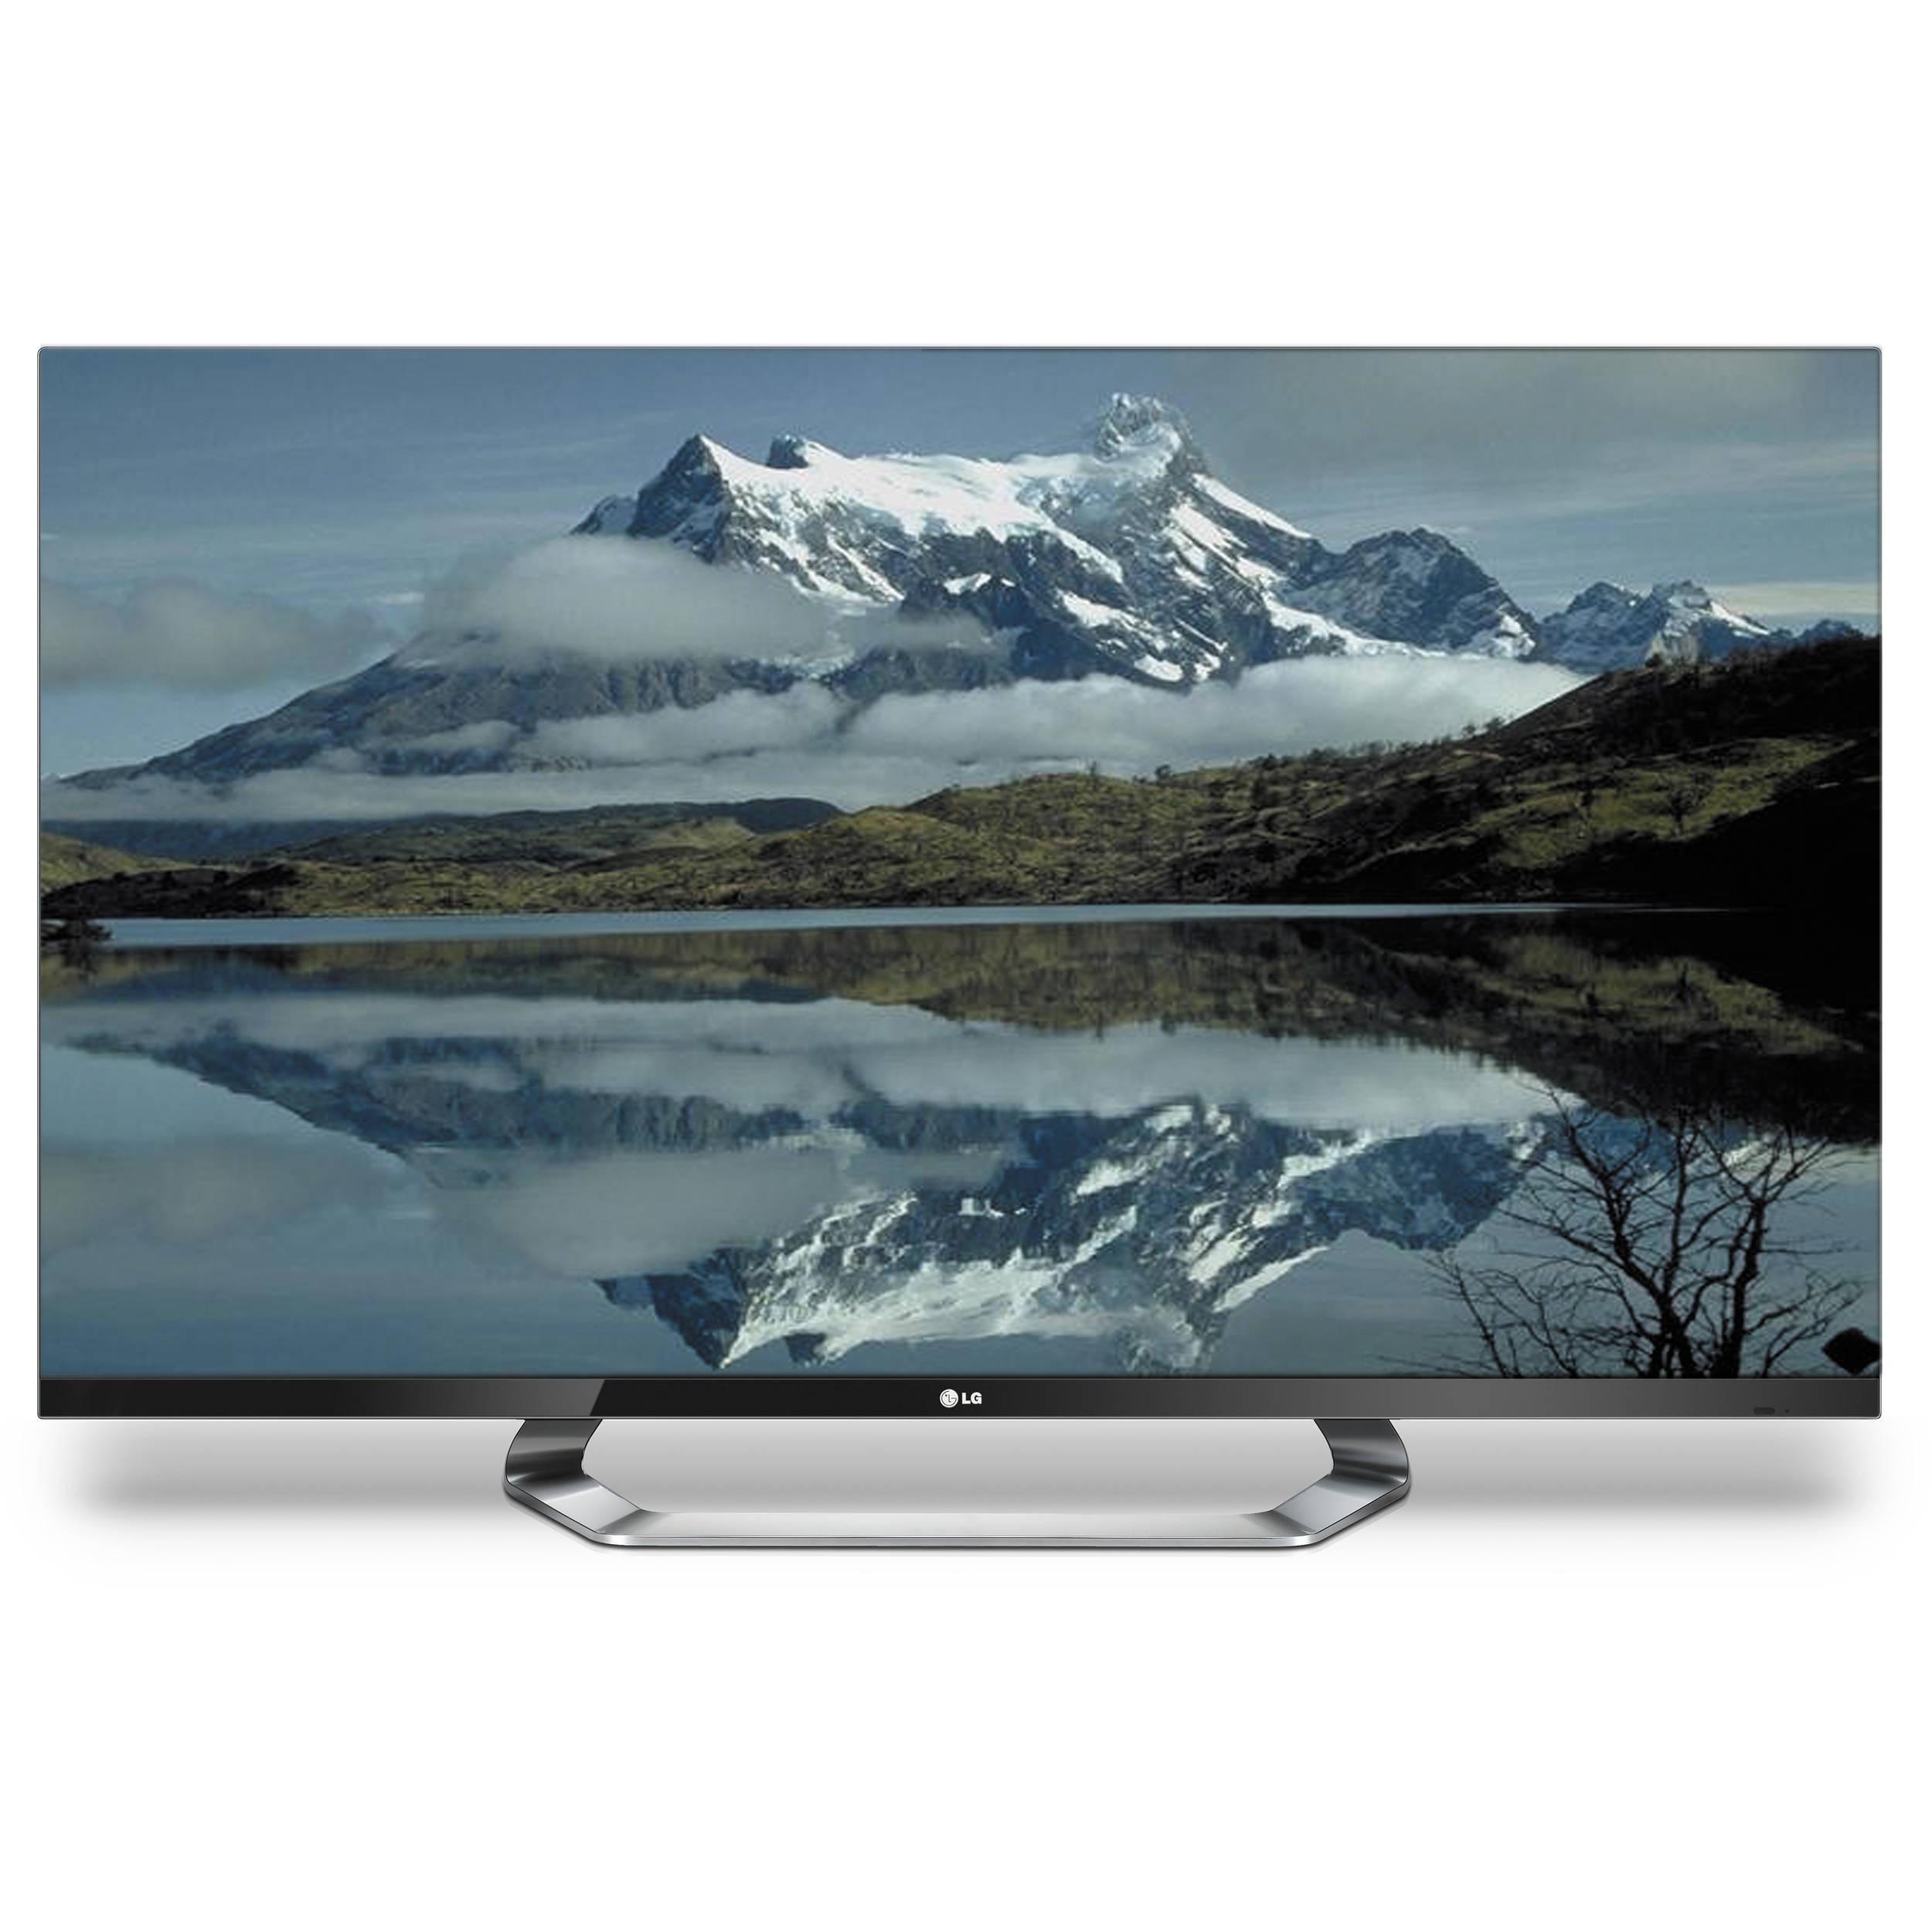 LG 55LM7600 TV Treiber Herunterladen